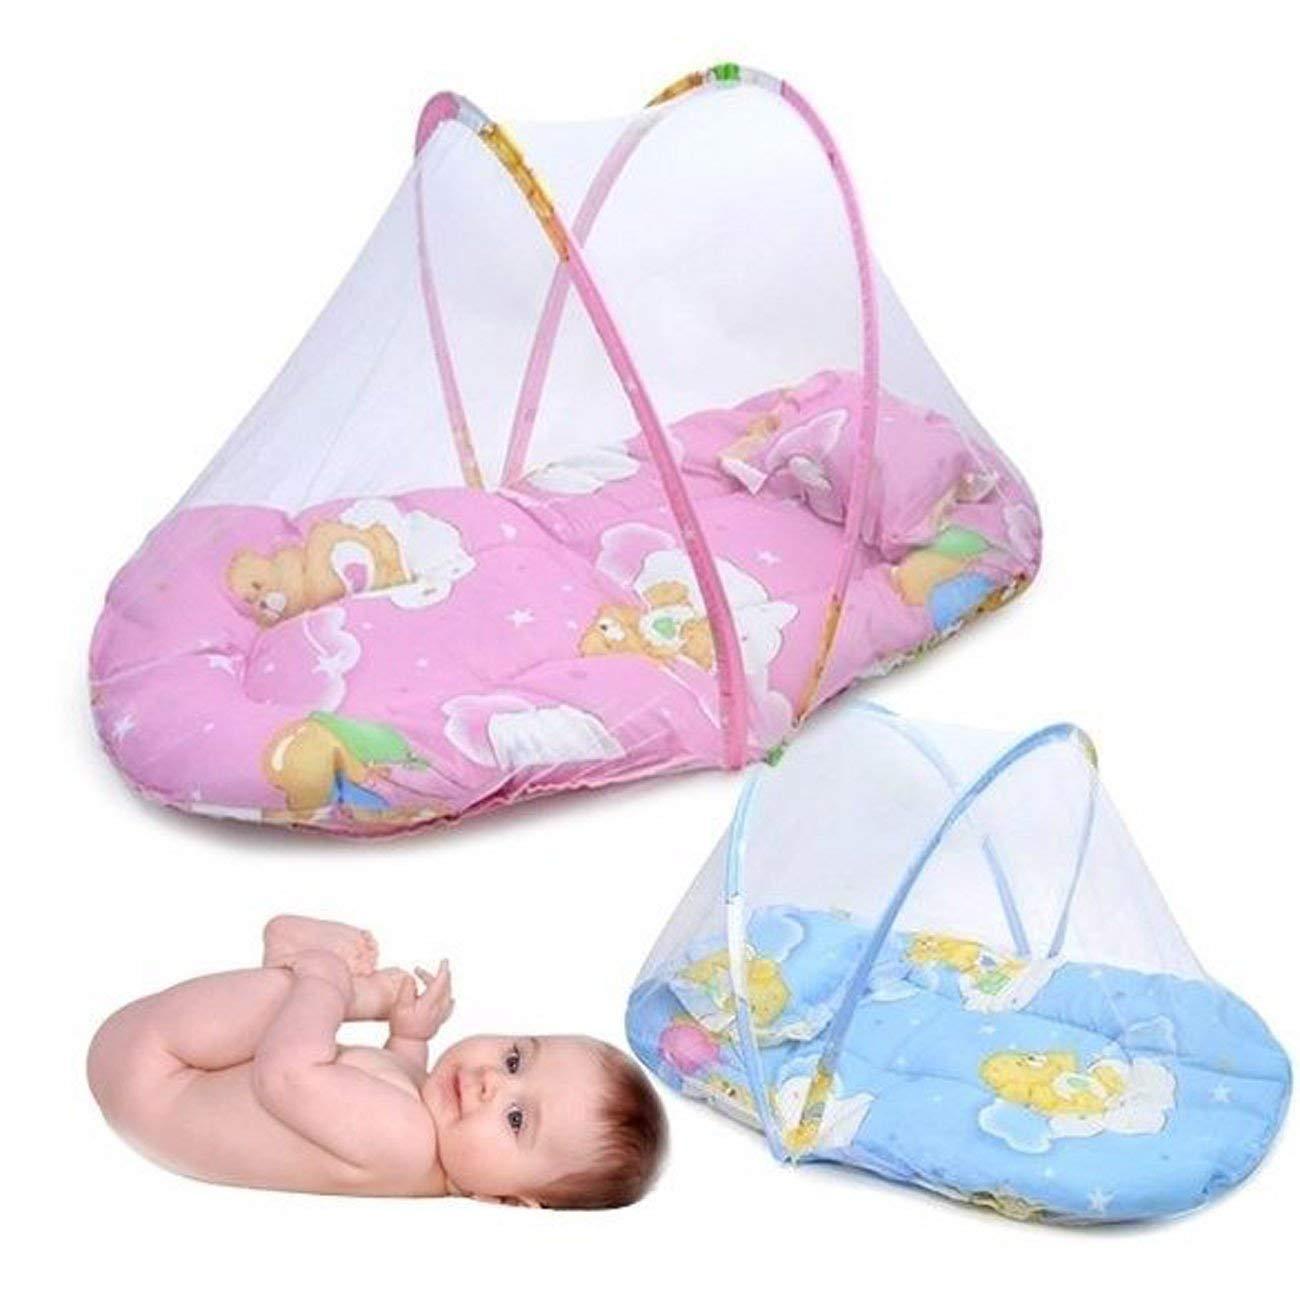 Rosa baby Infant Tragbare faltbare Reise Bettw/äsche Krippe Baldachin Moskitonetz Zelt mit Kissen Reisebett//Travel-cot Baby Luxe Reisebettzelt inklusive Schlafmatte